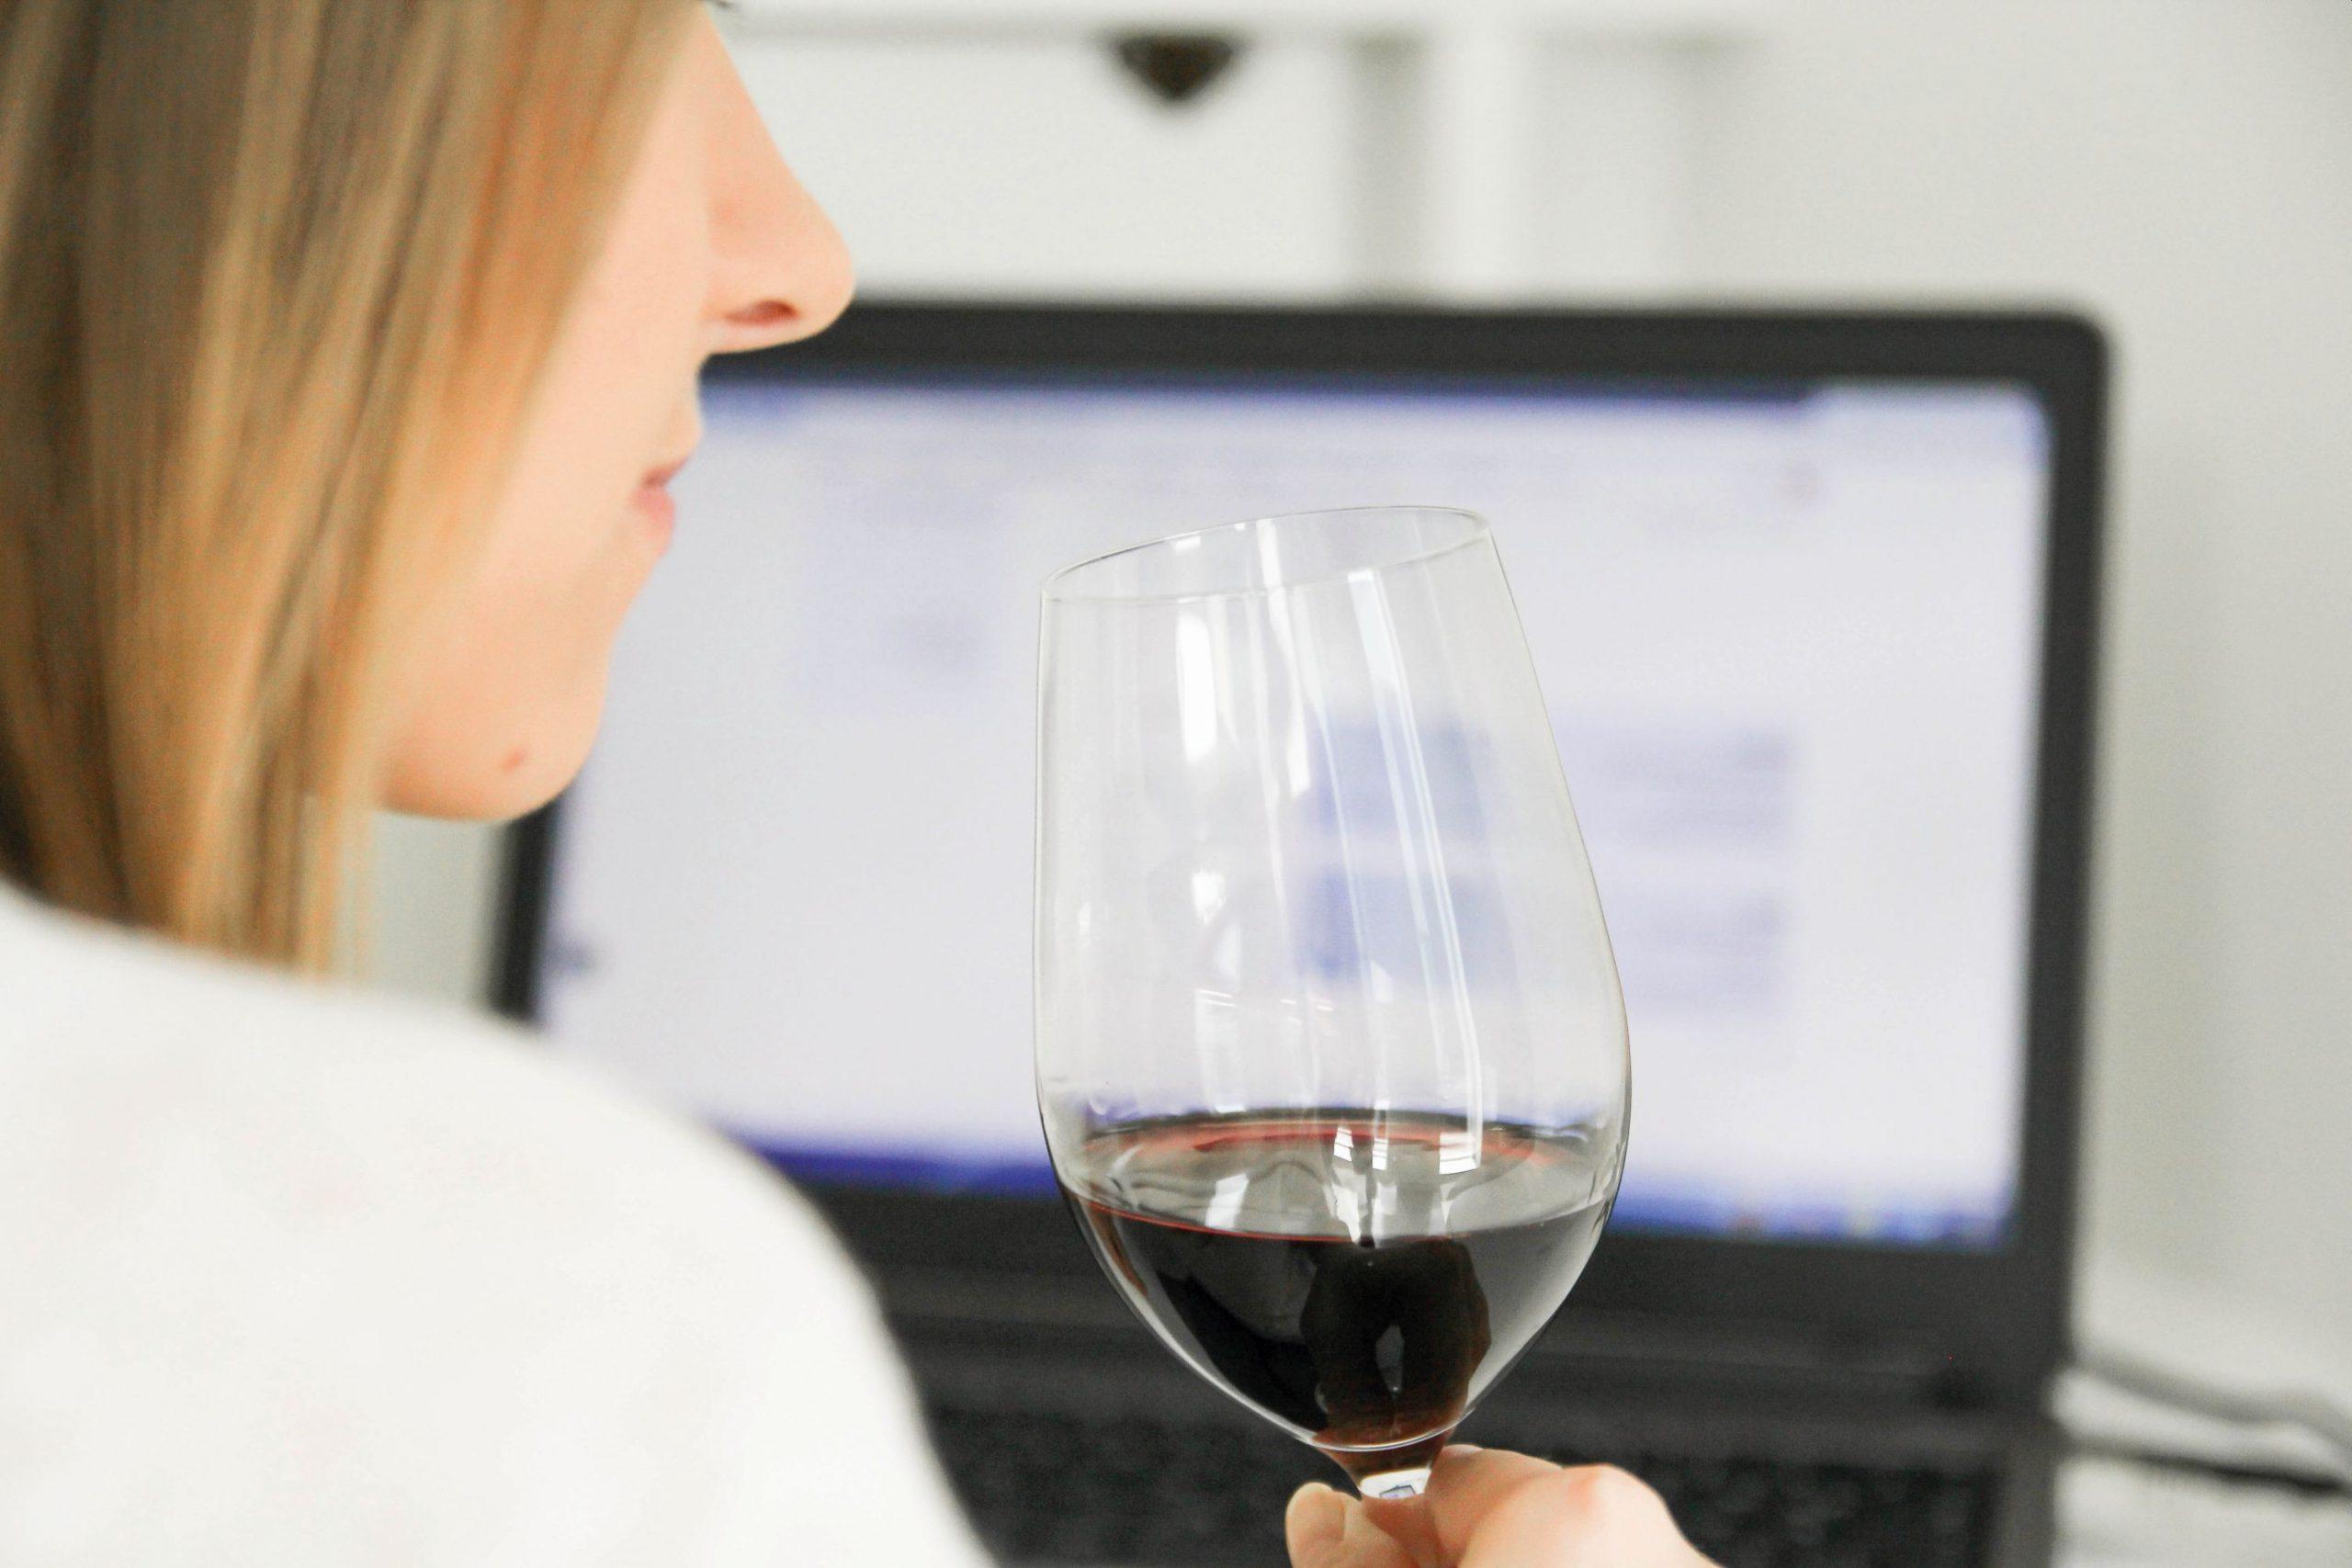 Frau mit Glas Wein vor dem Computer